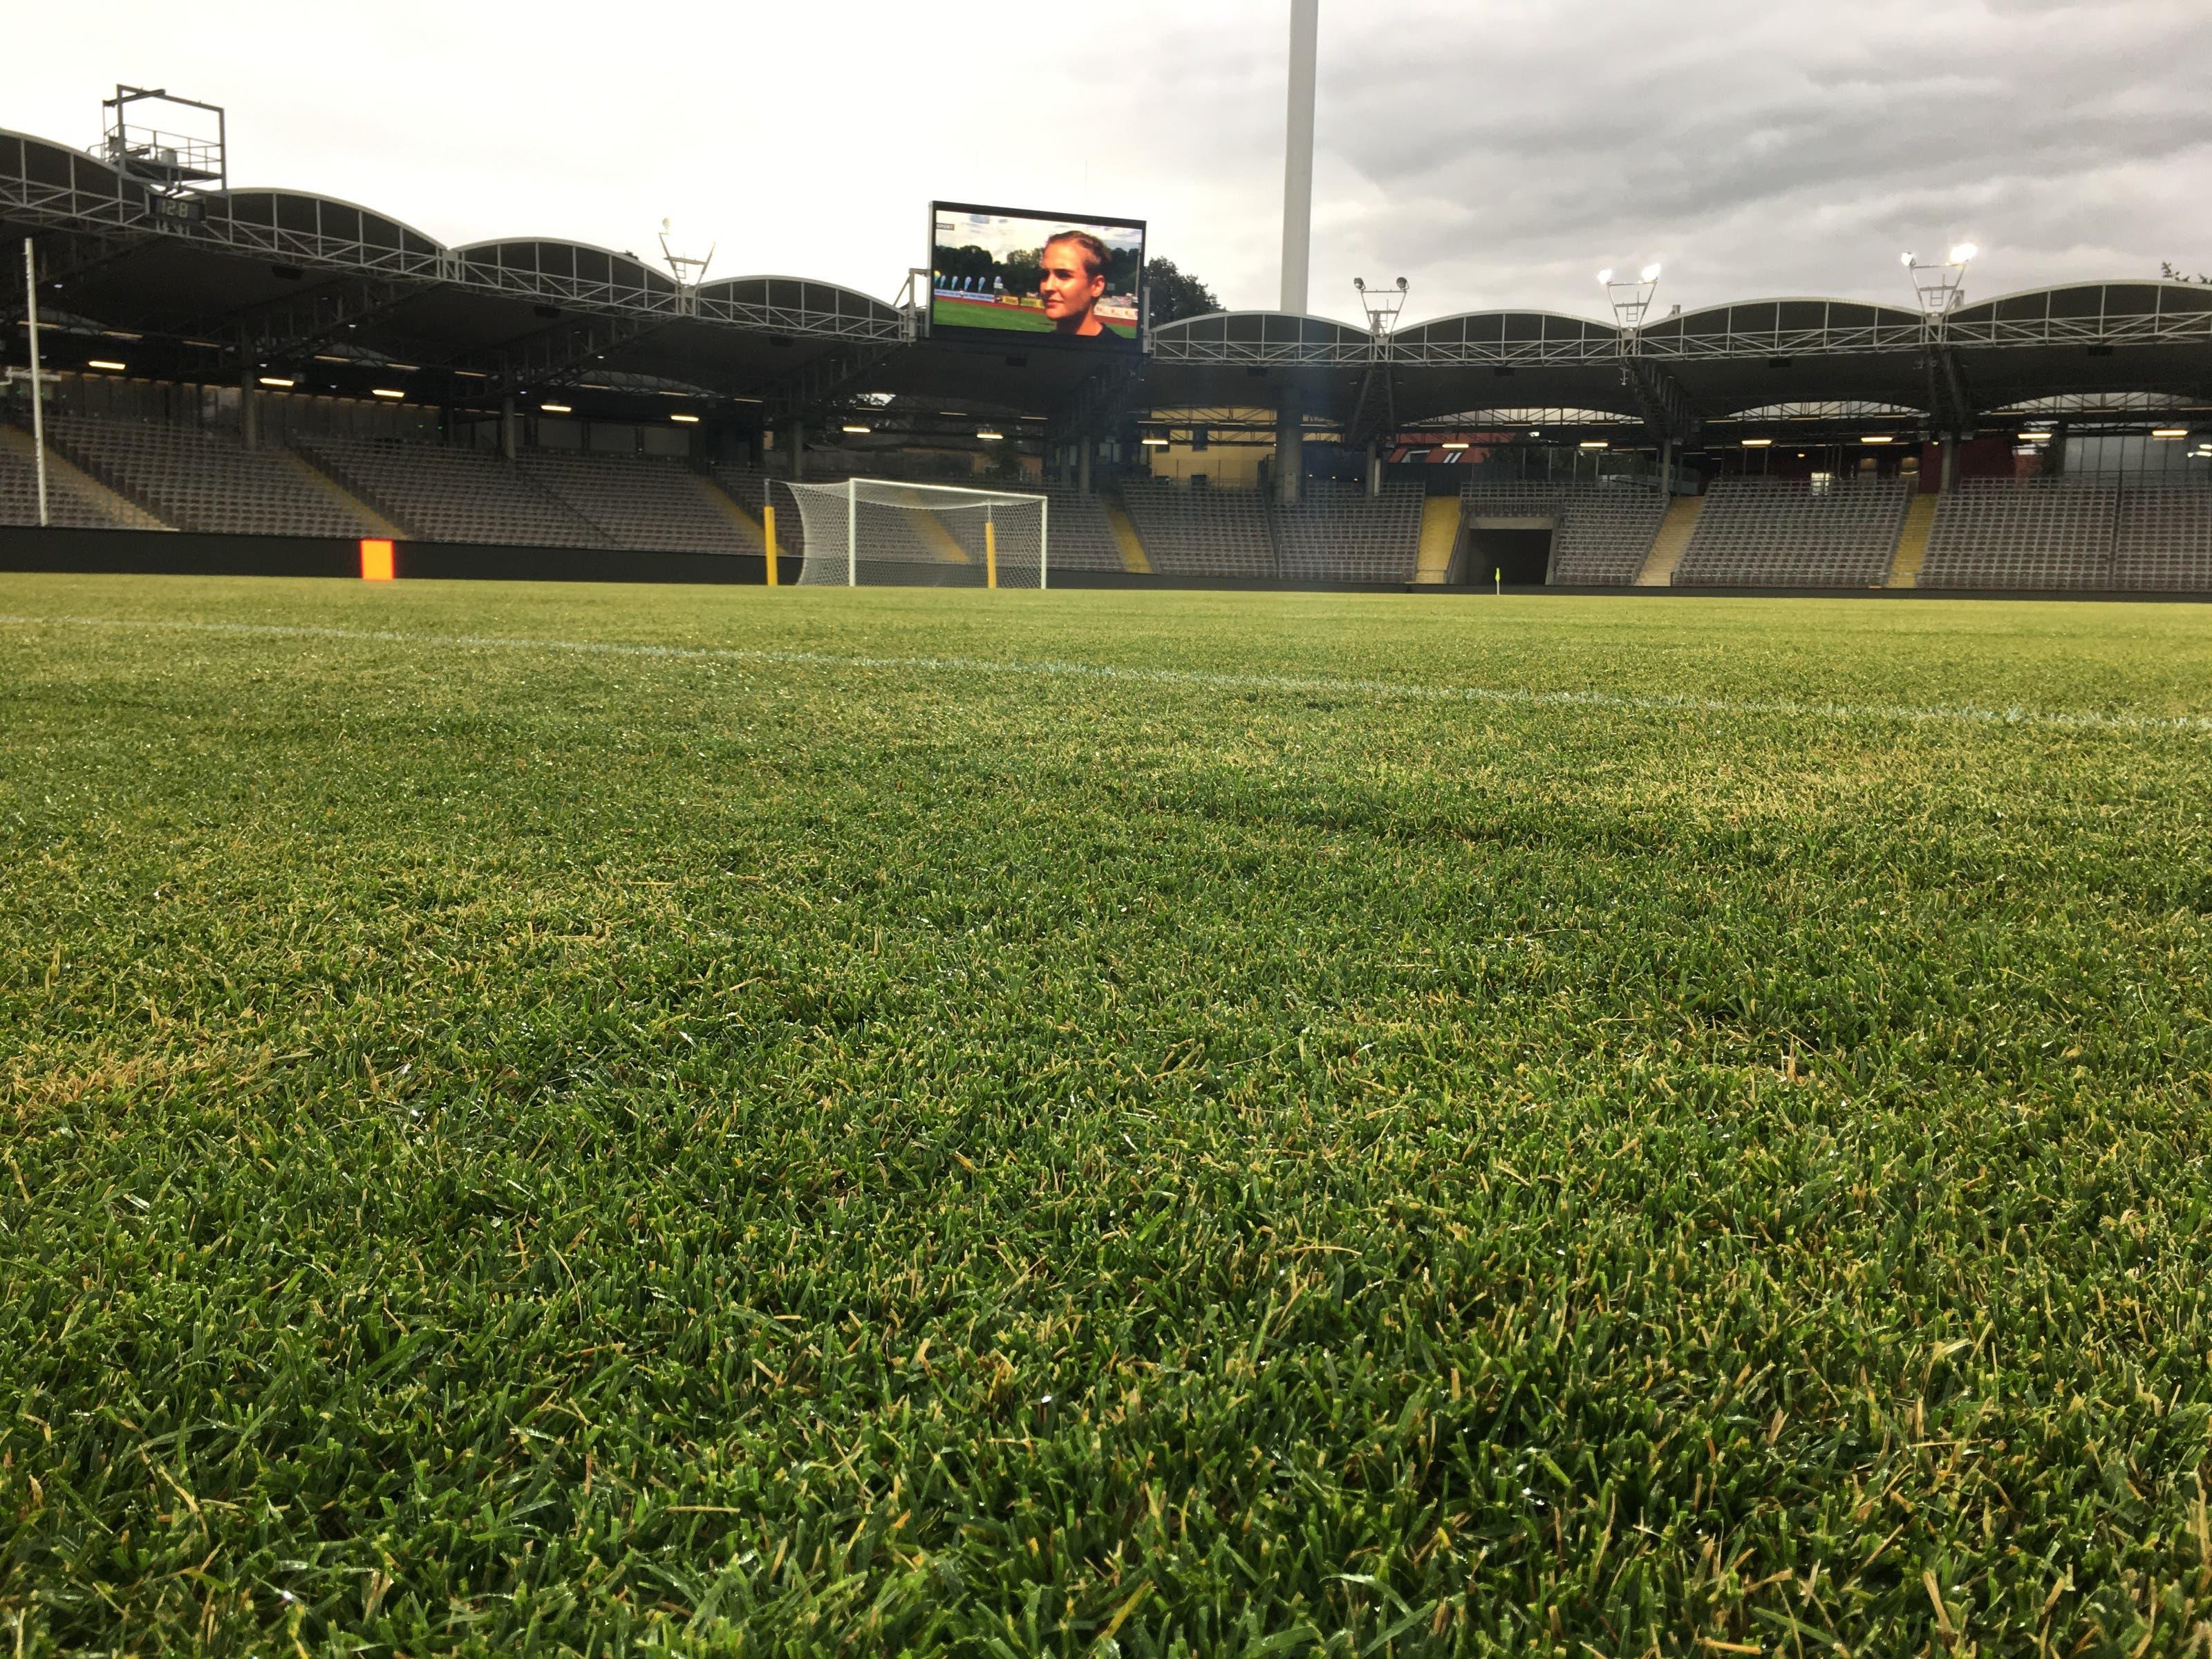 Der Rasen wurde frisch verlegt. Normalerweise spielt der LASK im Vorort Pasching.